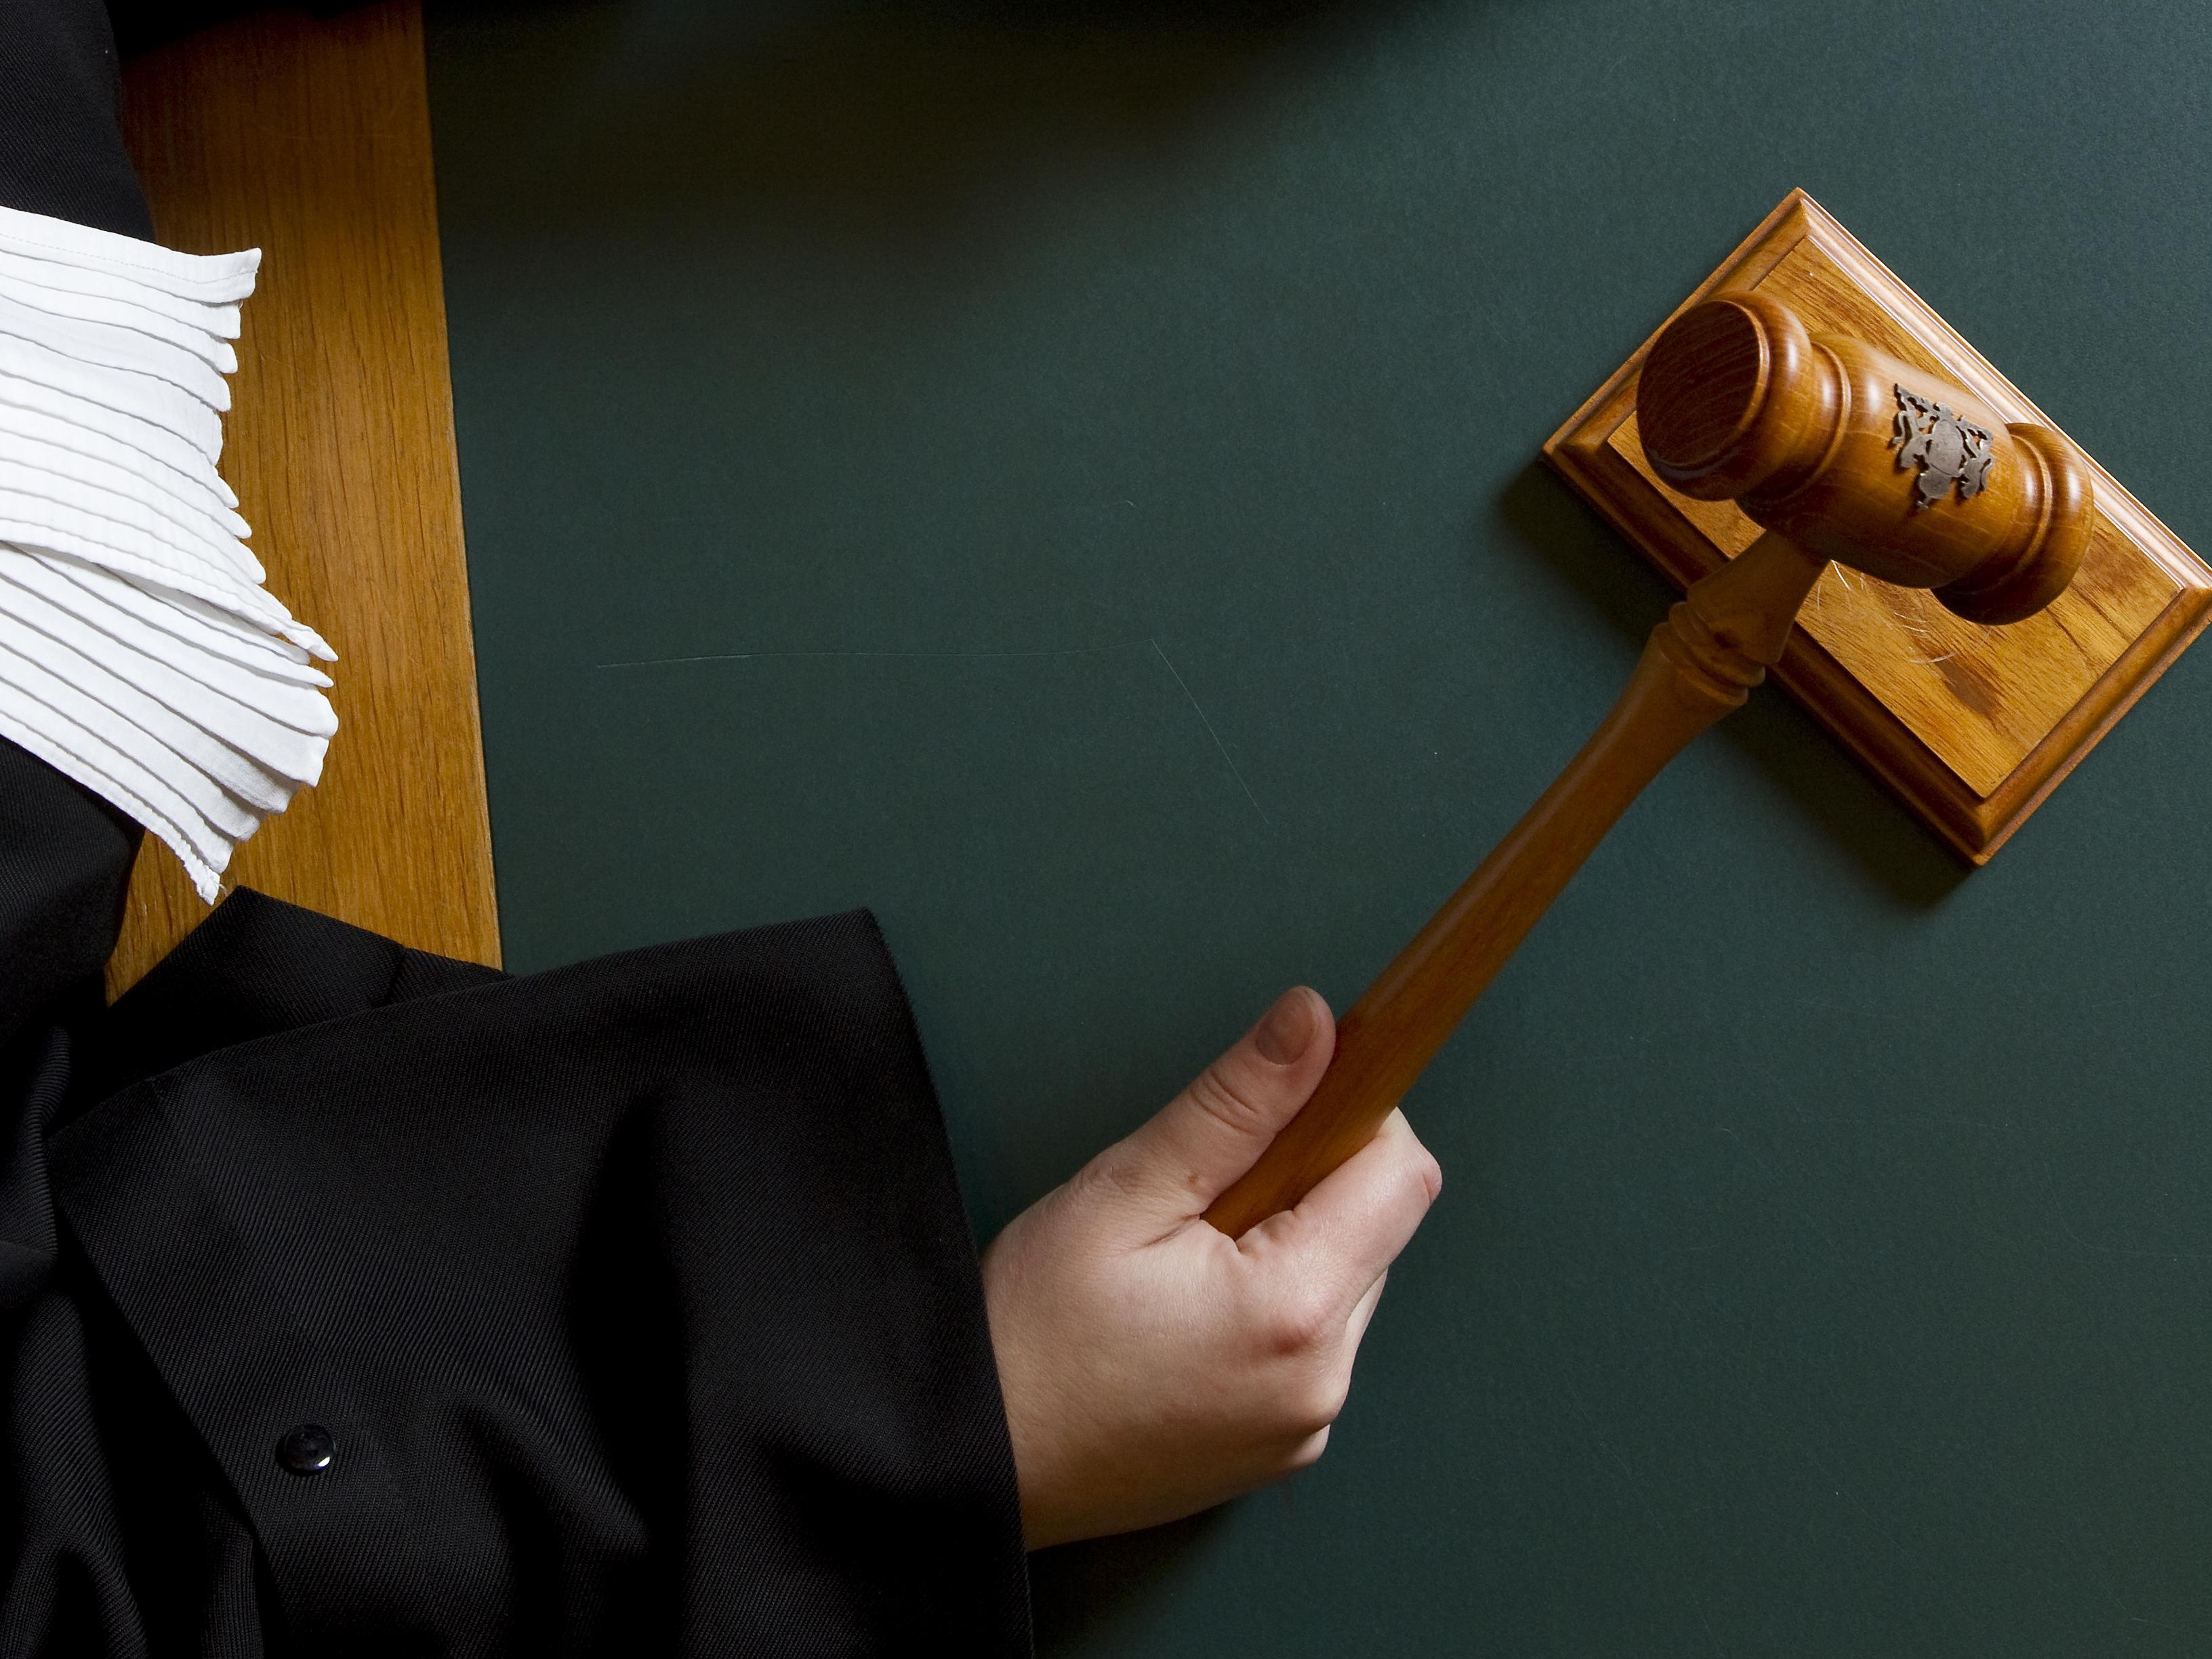 Zandvoorter krijgt drie jaar gevangenisstraf voor steekincident op Gasthuisplein